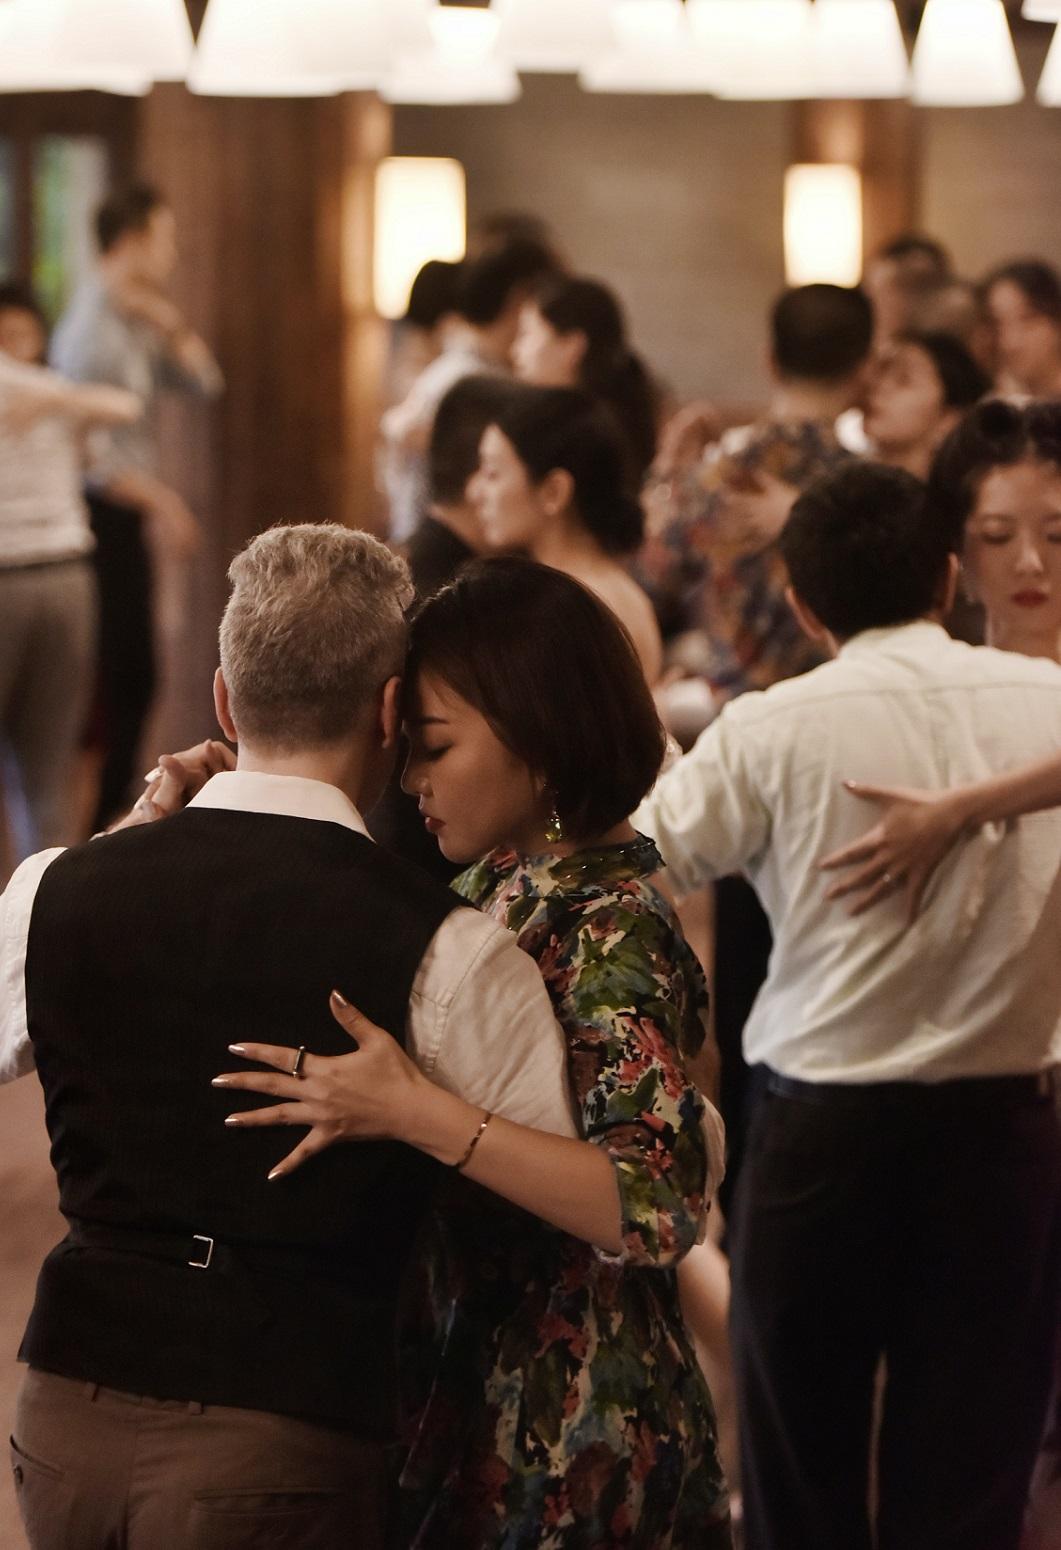 Gutscheinvorlage Tanzen gehen